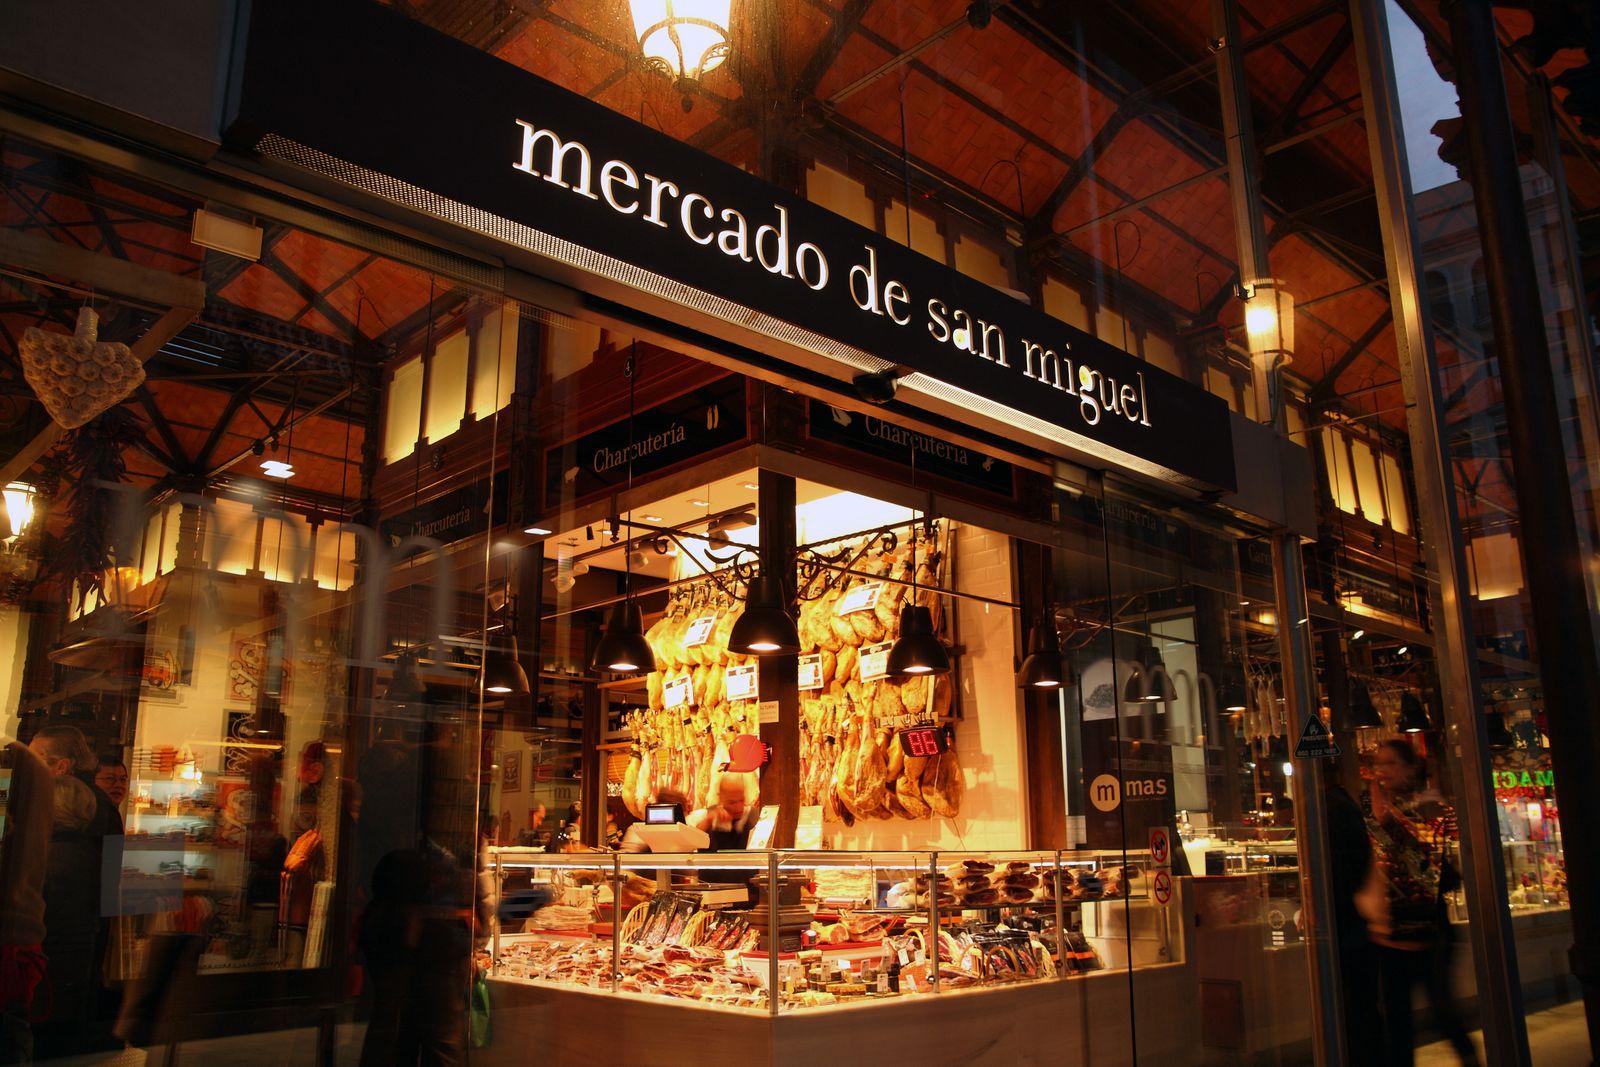 Mercado San Miguel,The Champions